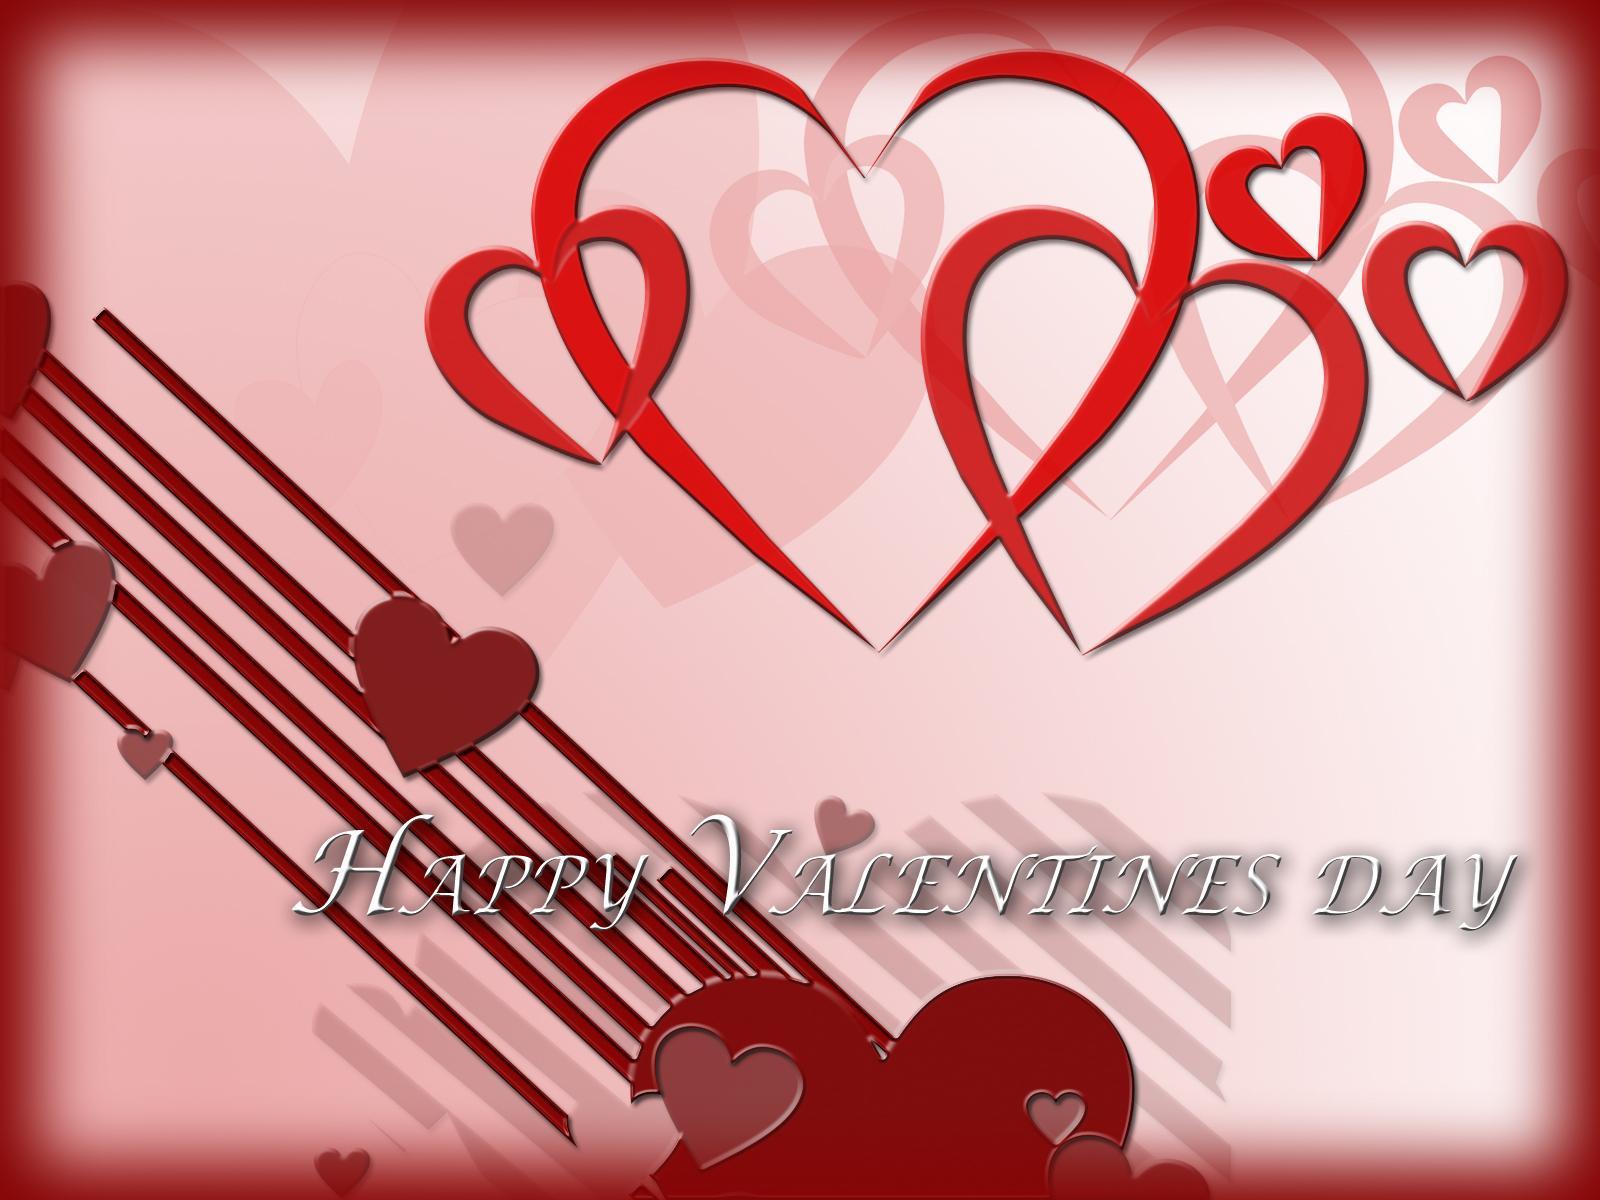 feliz san valentín wallpapers 8114 1600x1200 Imágenes Tiernas para compartir en el día de San Valentín